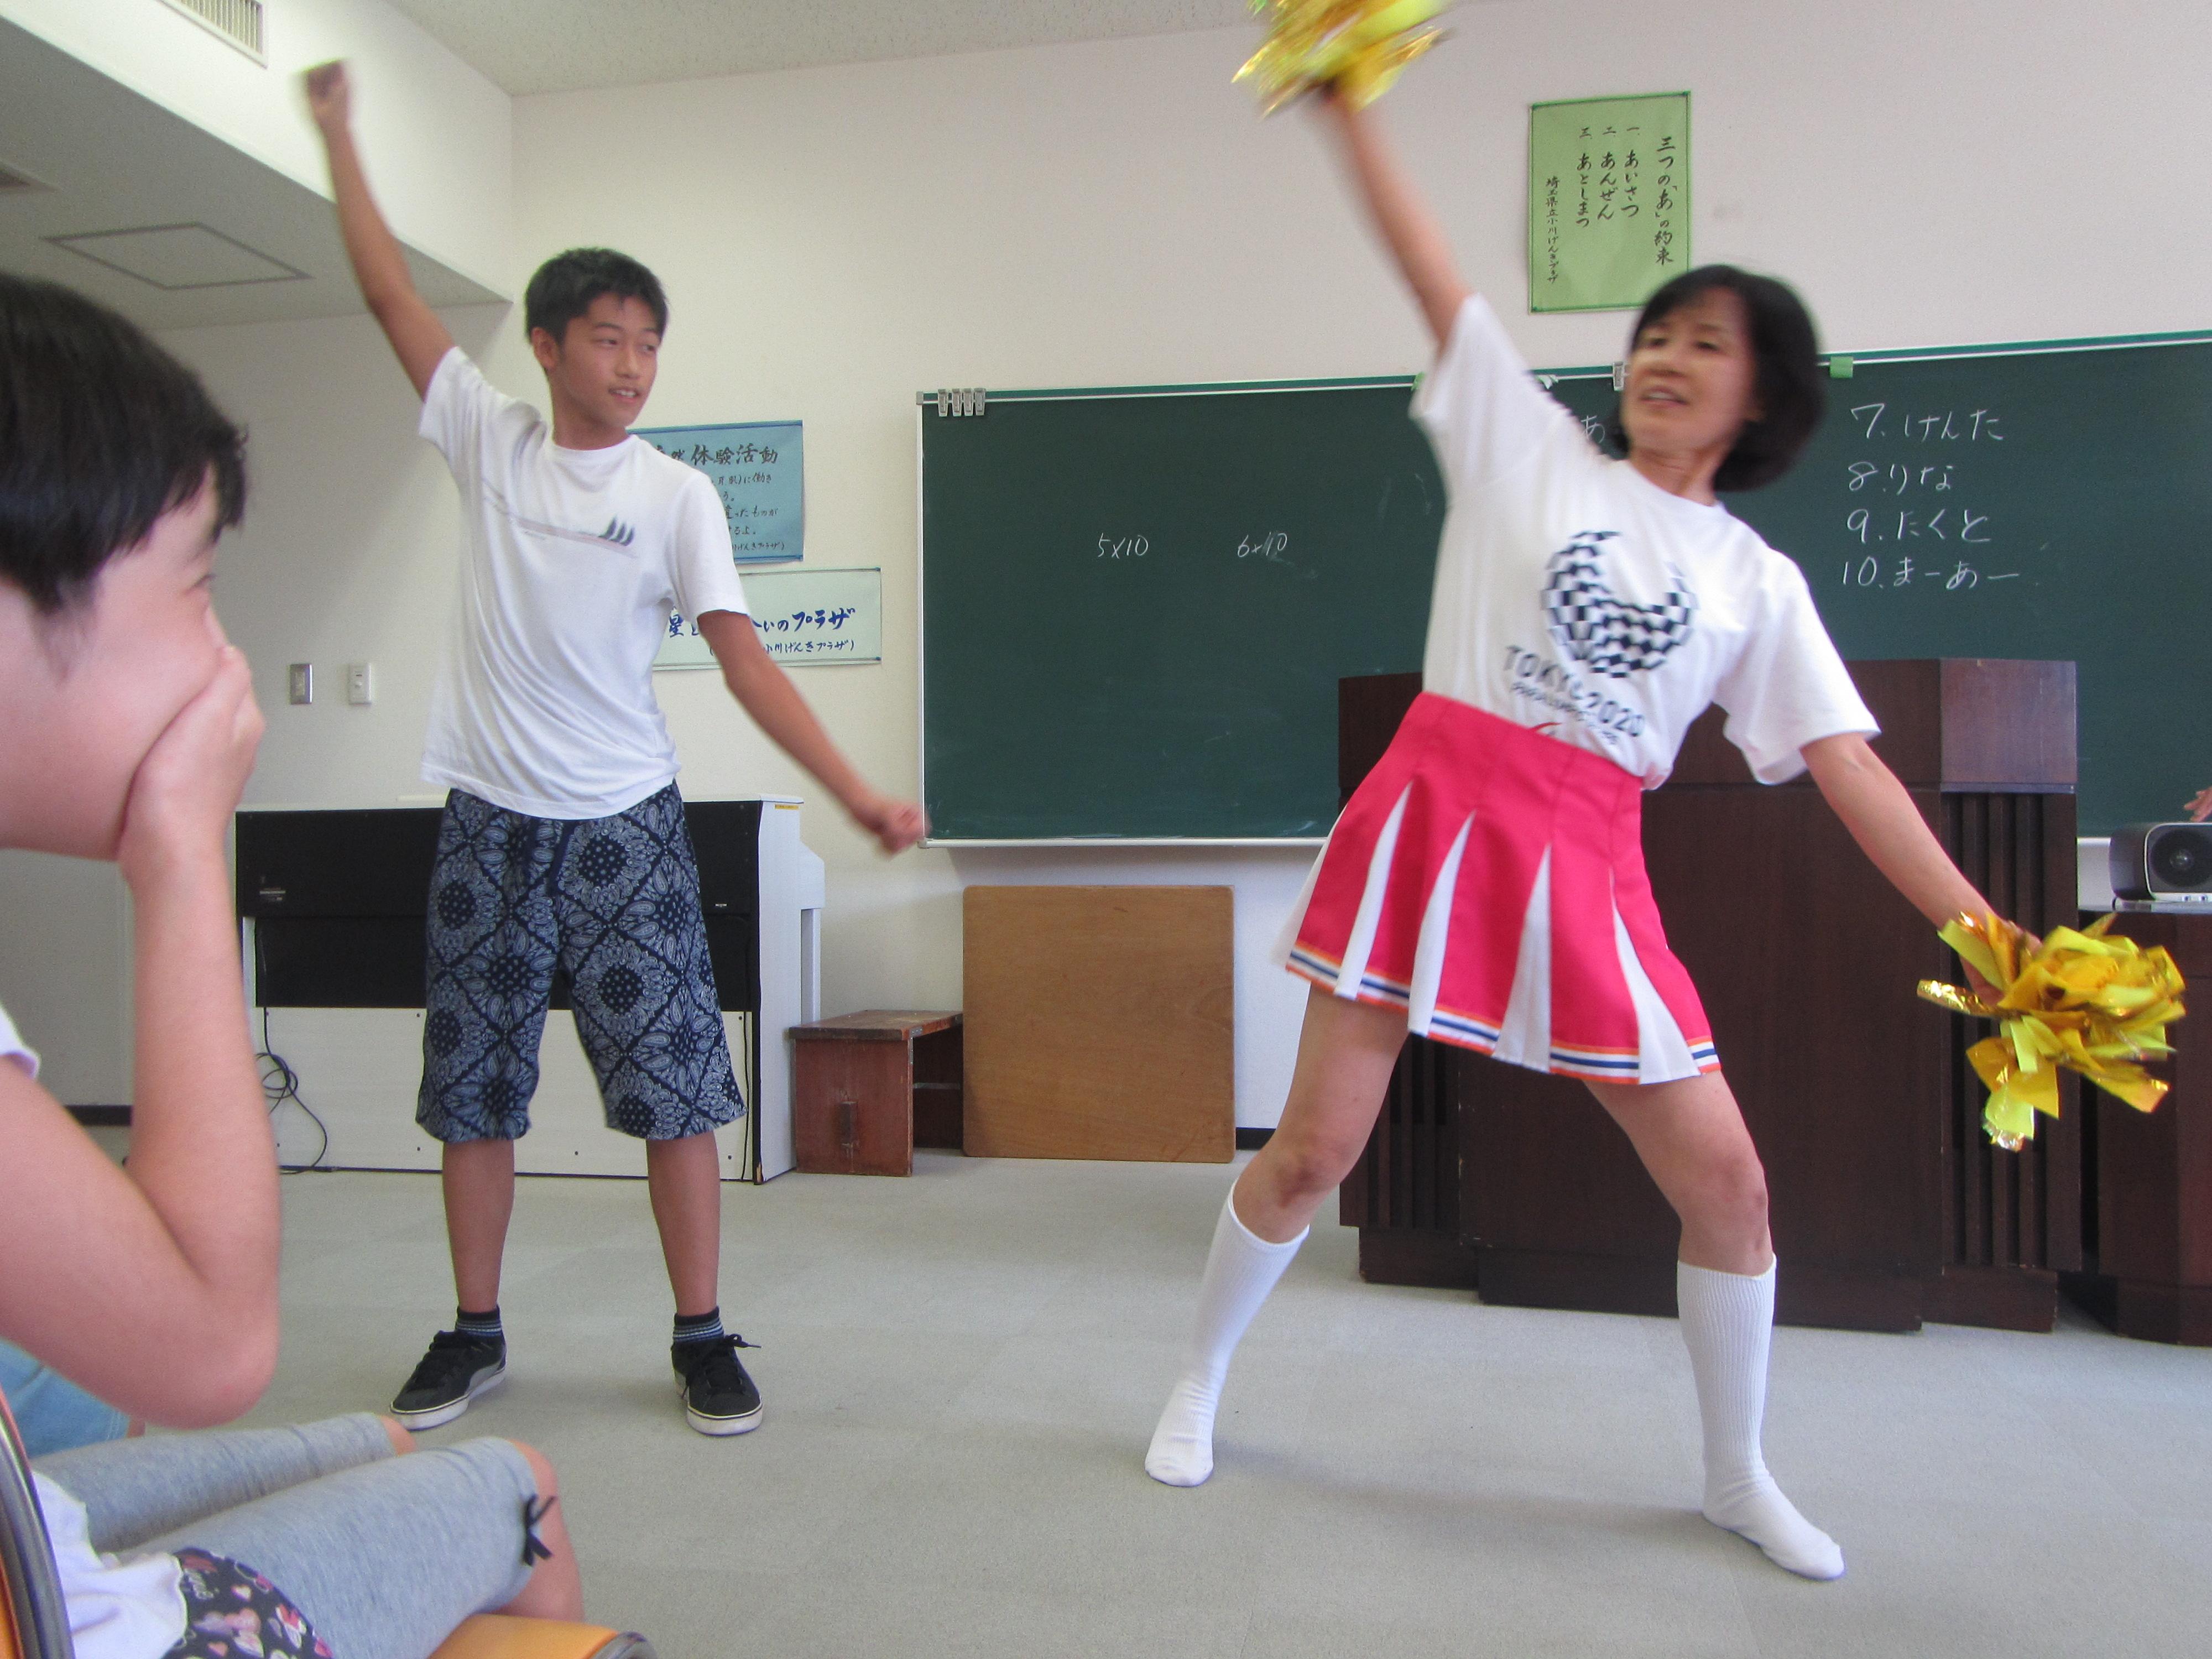 夏合宿 レクリエーション、ゲームやパフォーマンスで楽しみました。